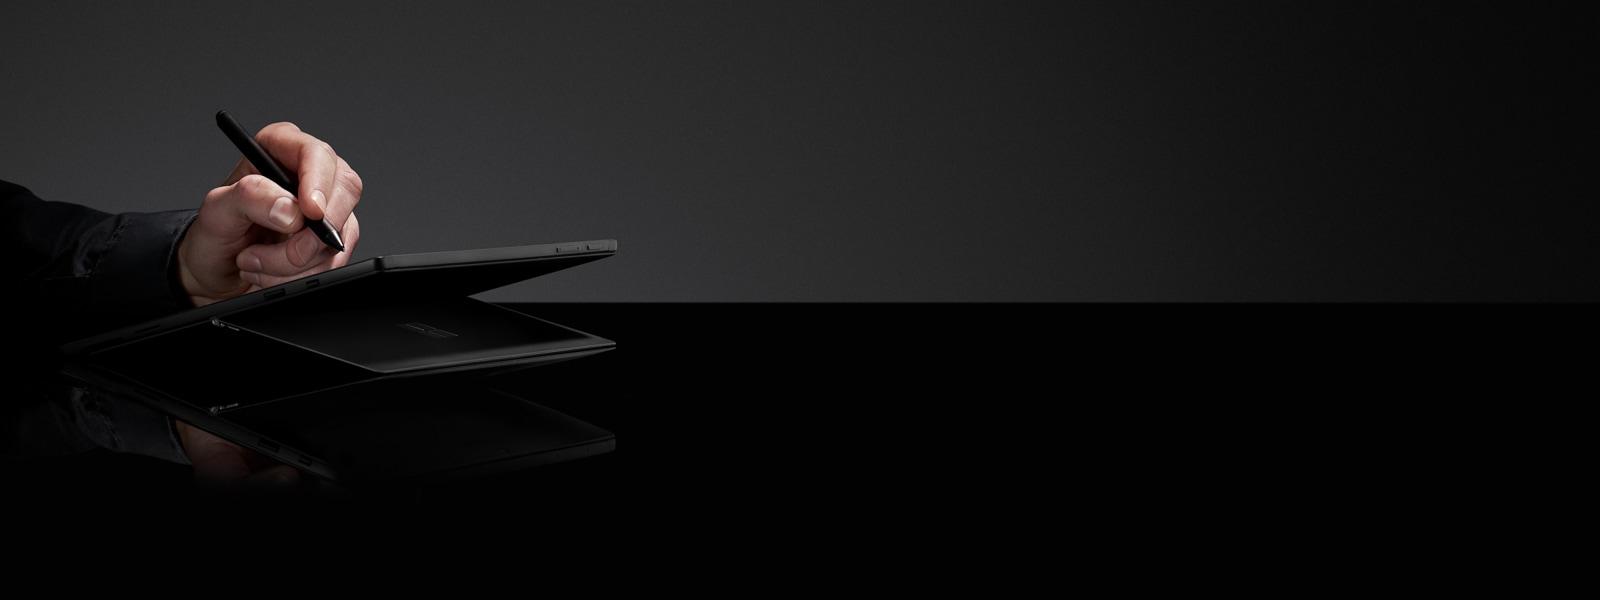 Osoba używająca pióra Surface i czarnego komputera Surface Pro 6 na czarnym tle